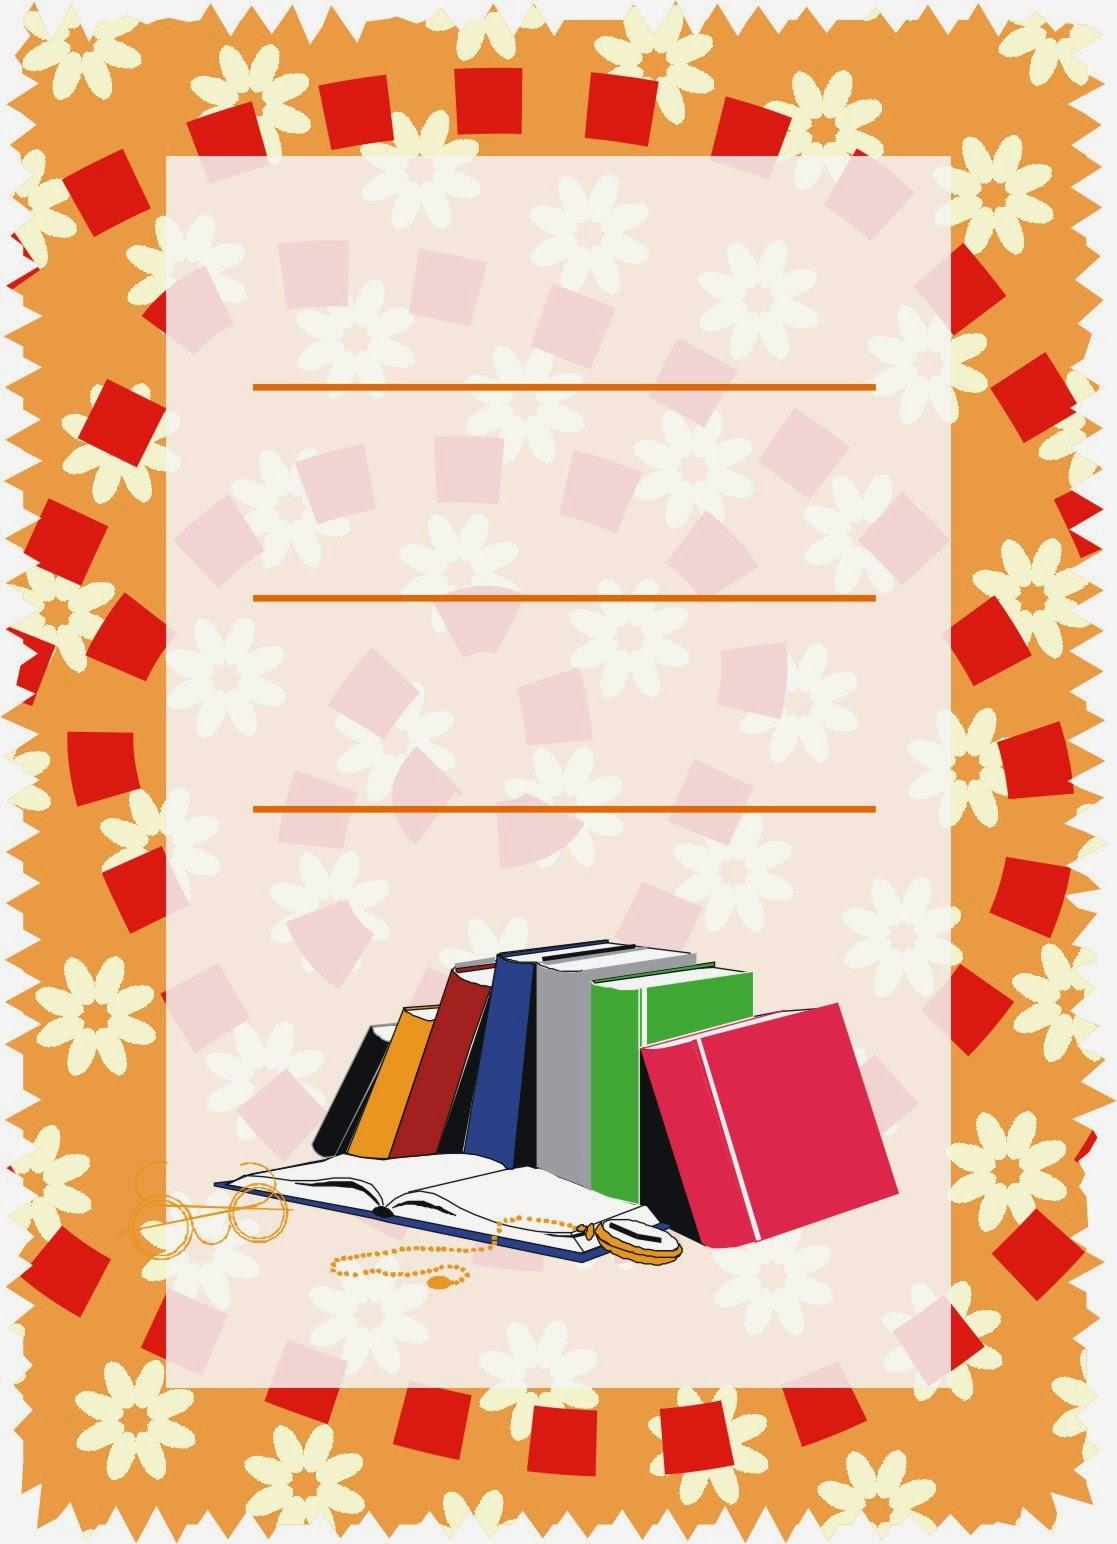 Caratulas para cuadernos abril 2014 - Decoraciones gramar ...